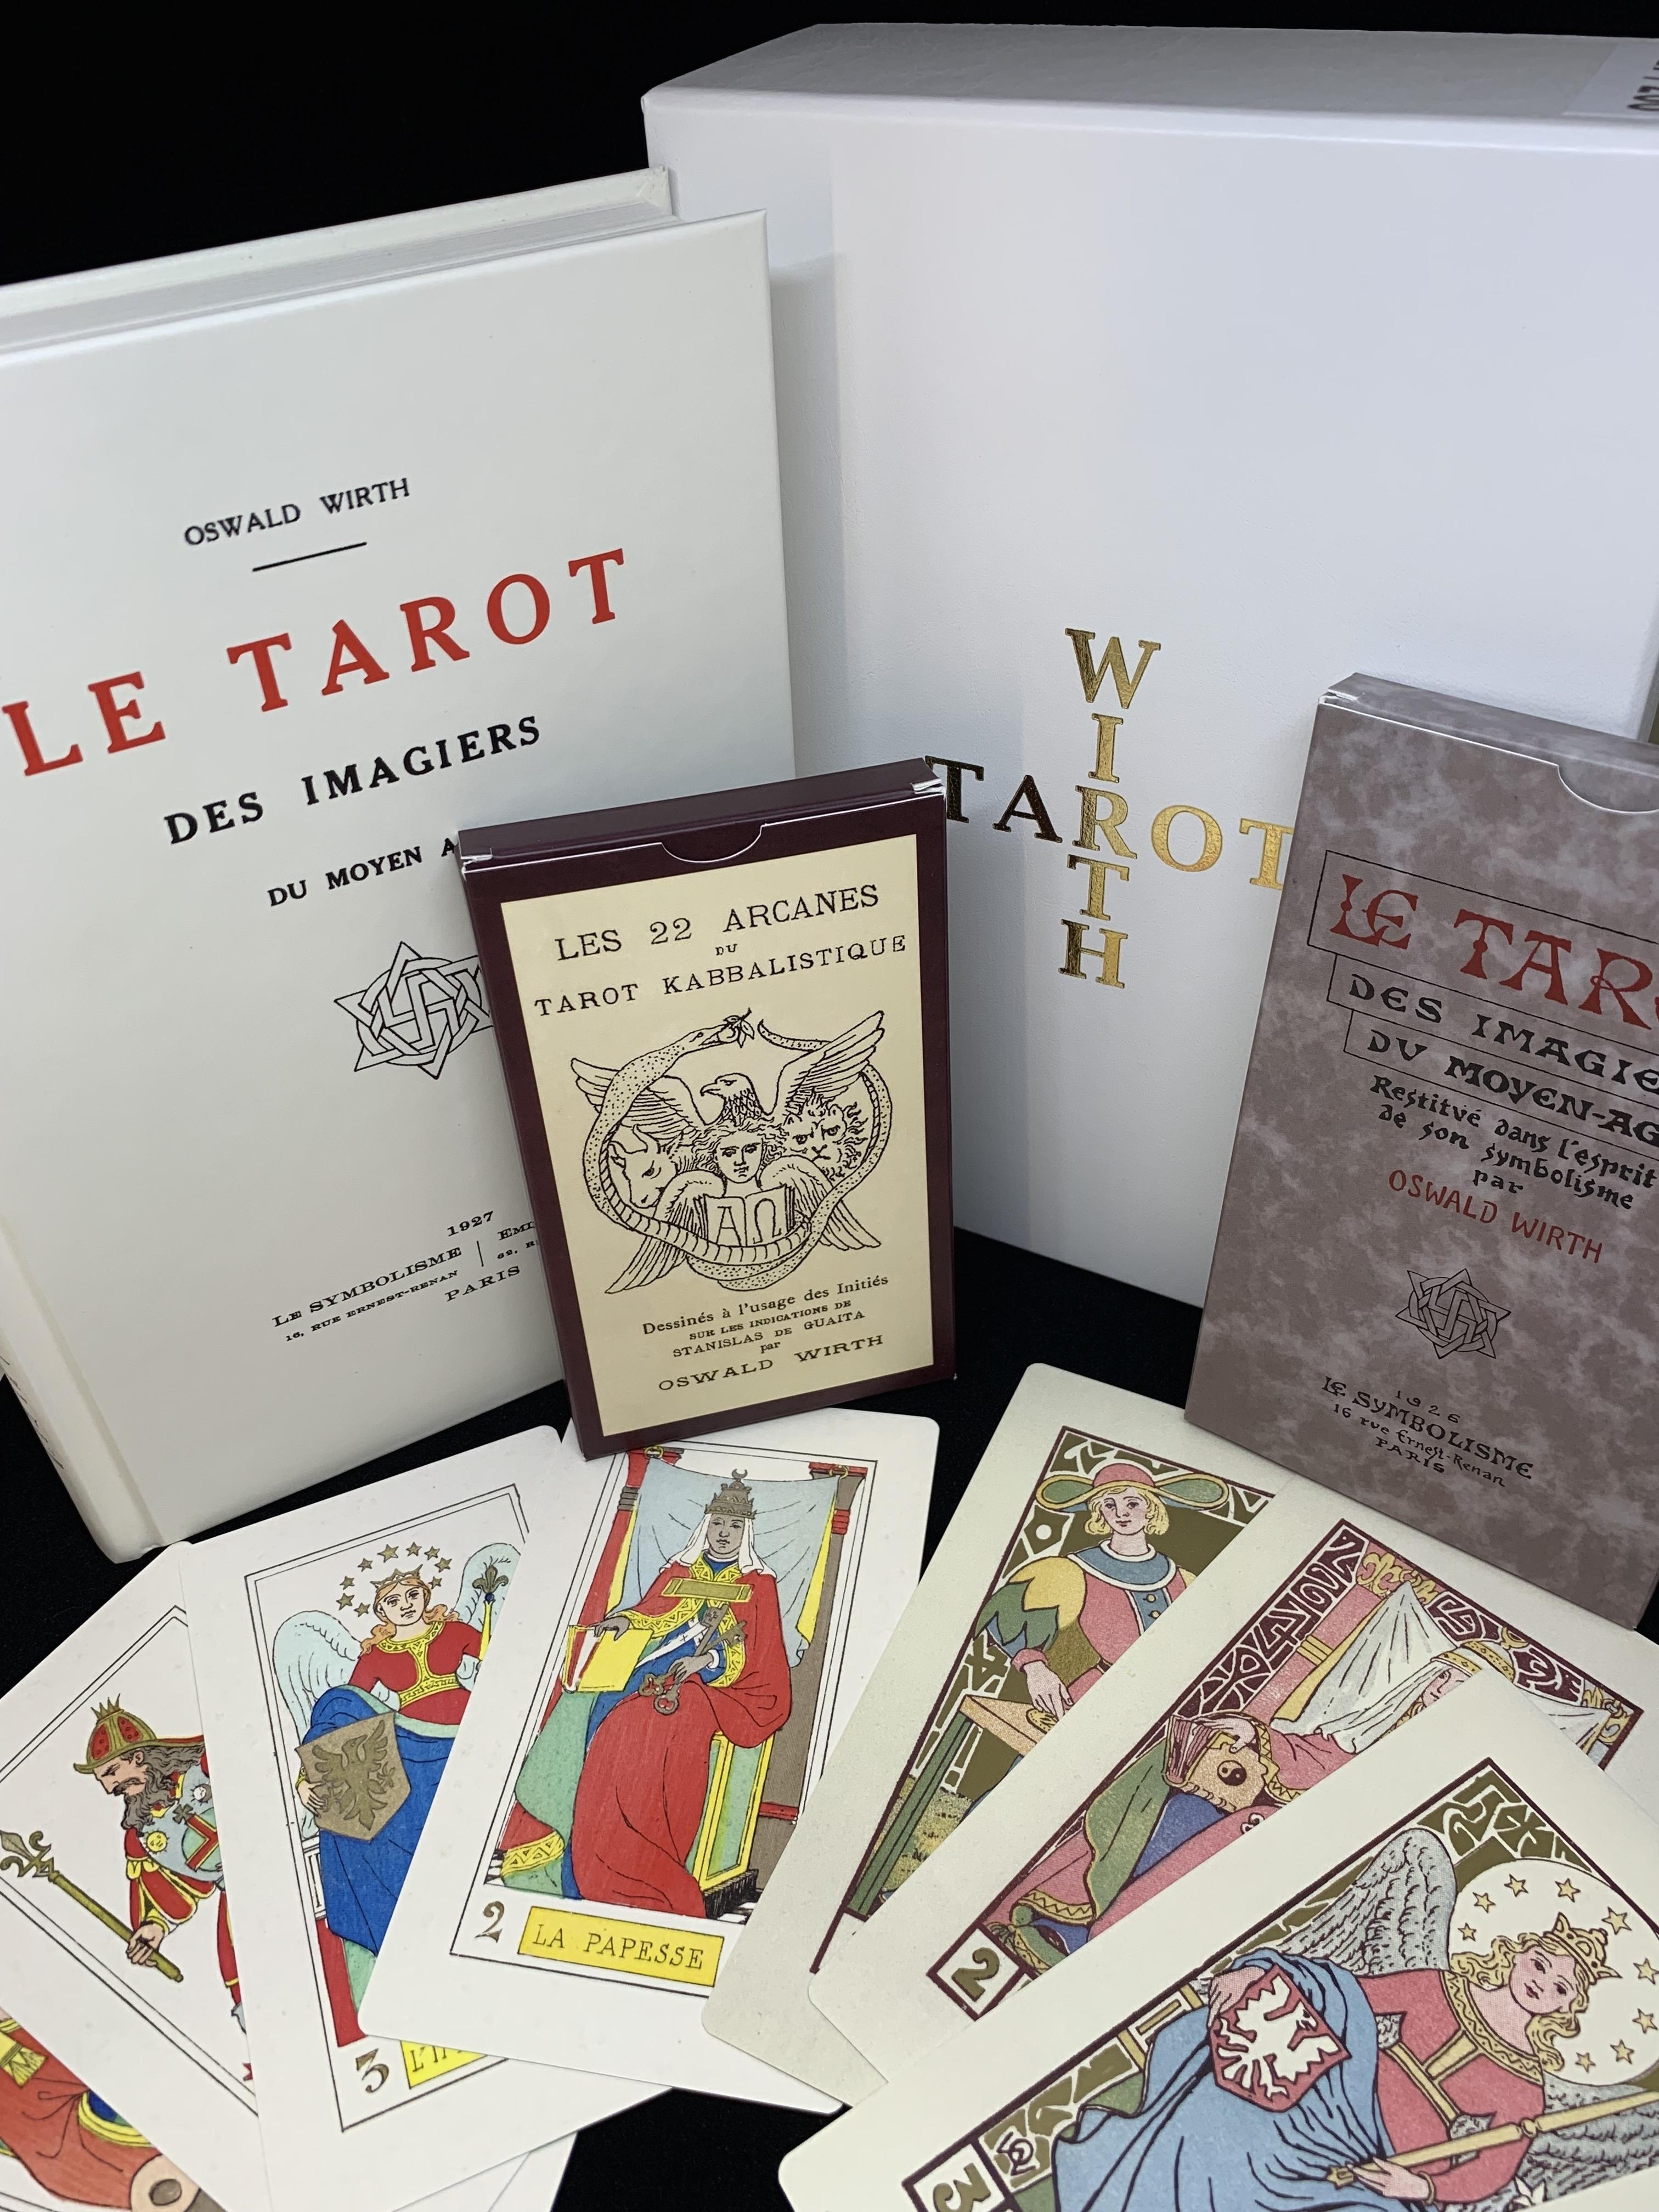 Coffret Tarot de Wirth